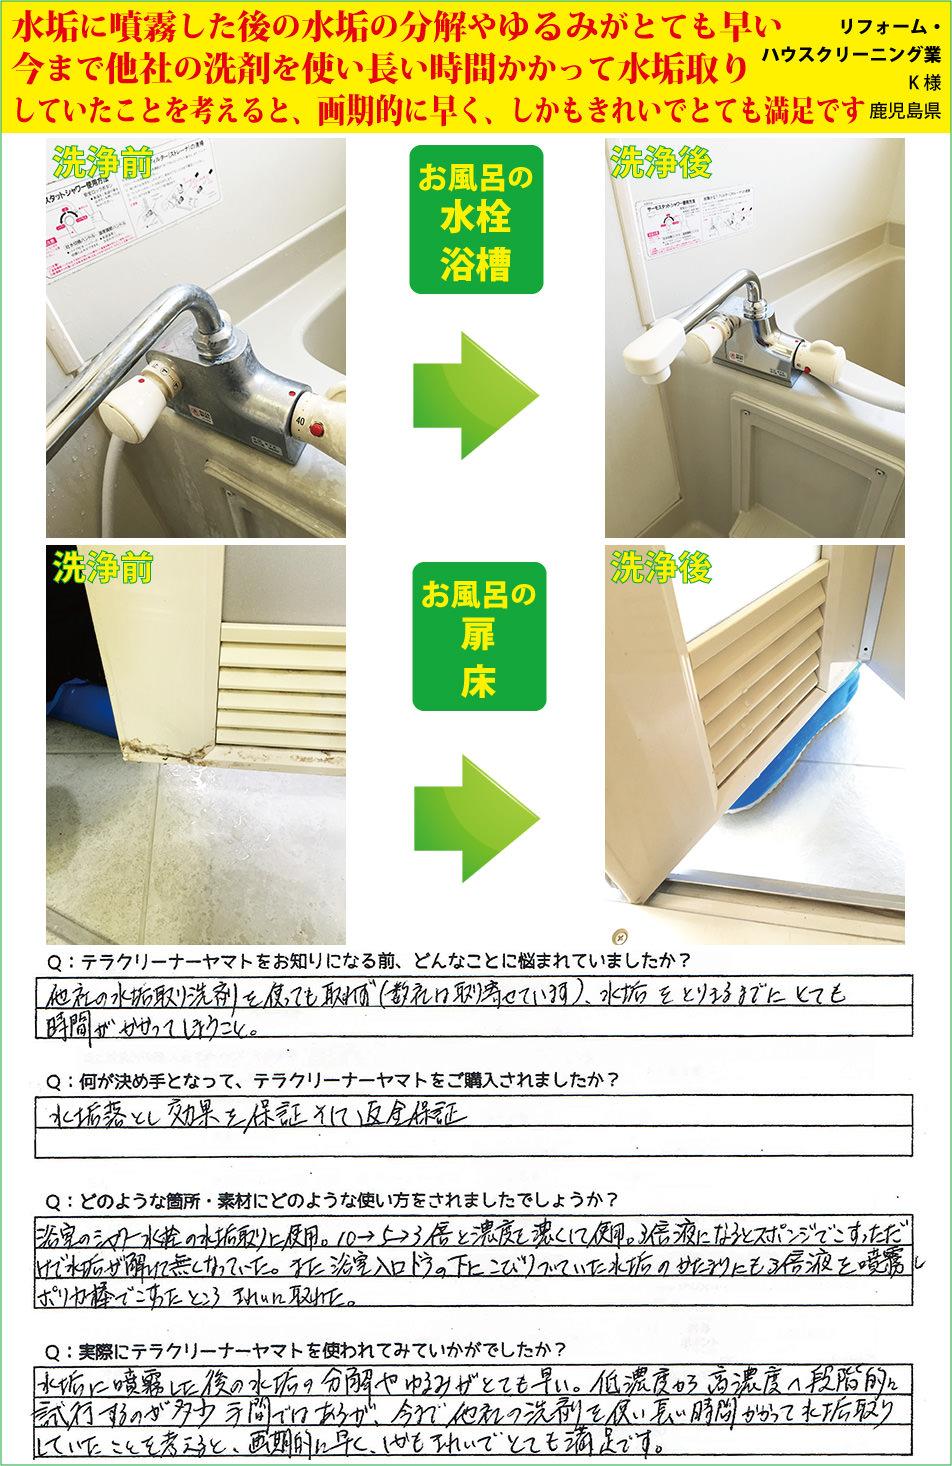 お風呂の浴槽や床、水栓金具の水垢取り洗剤